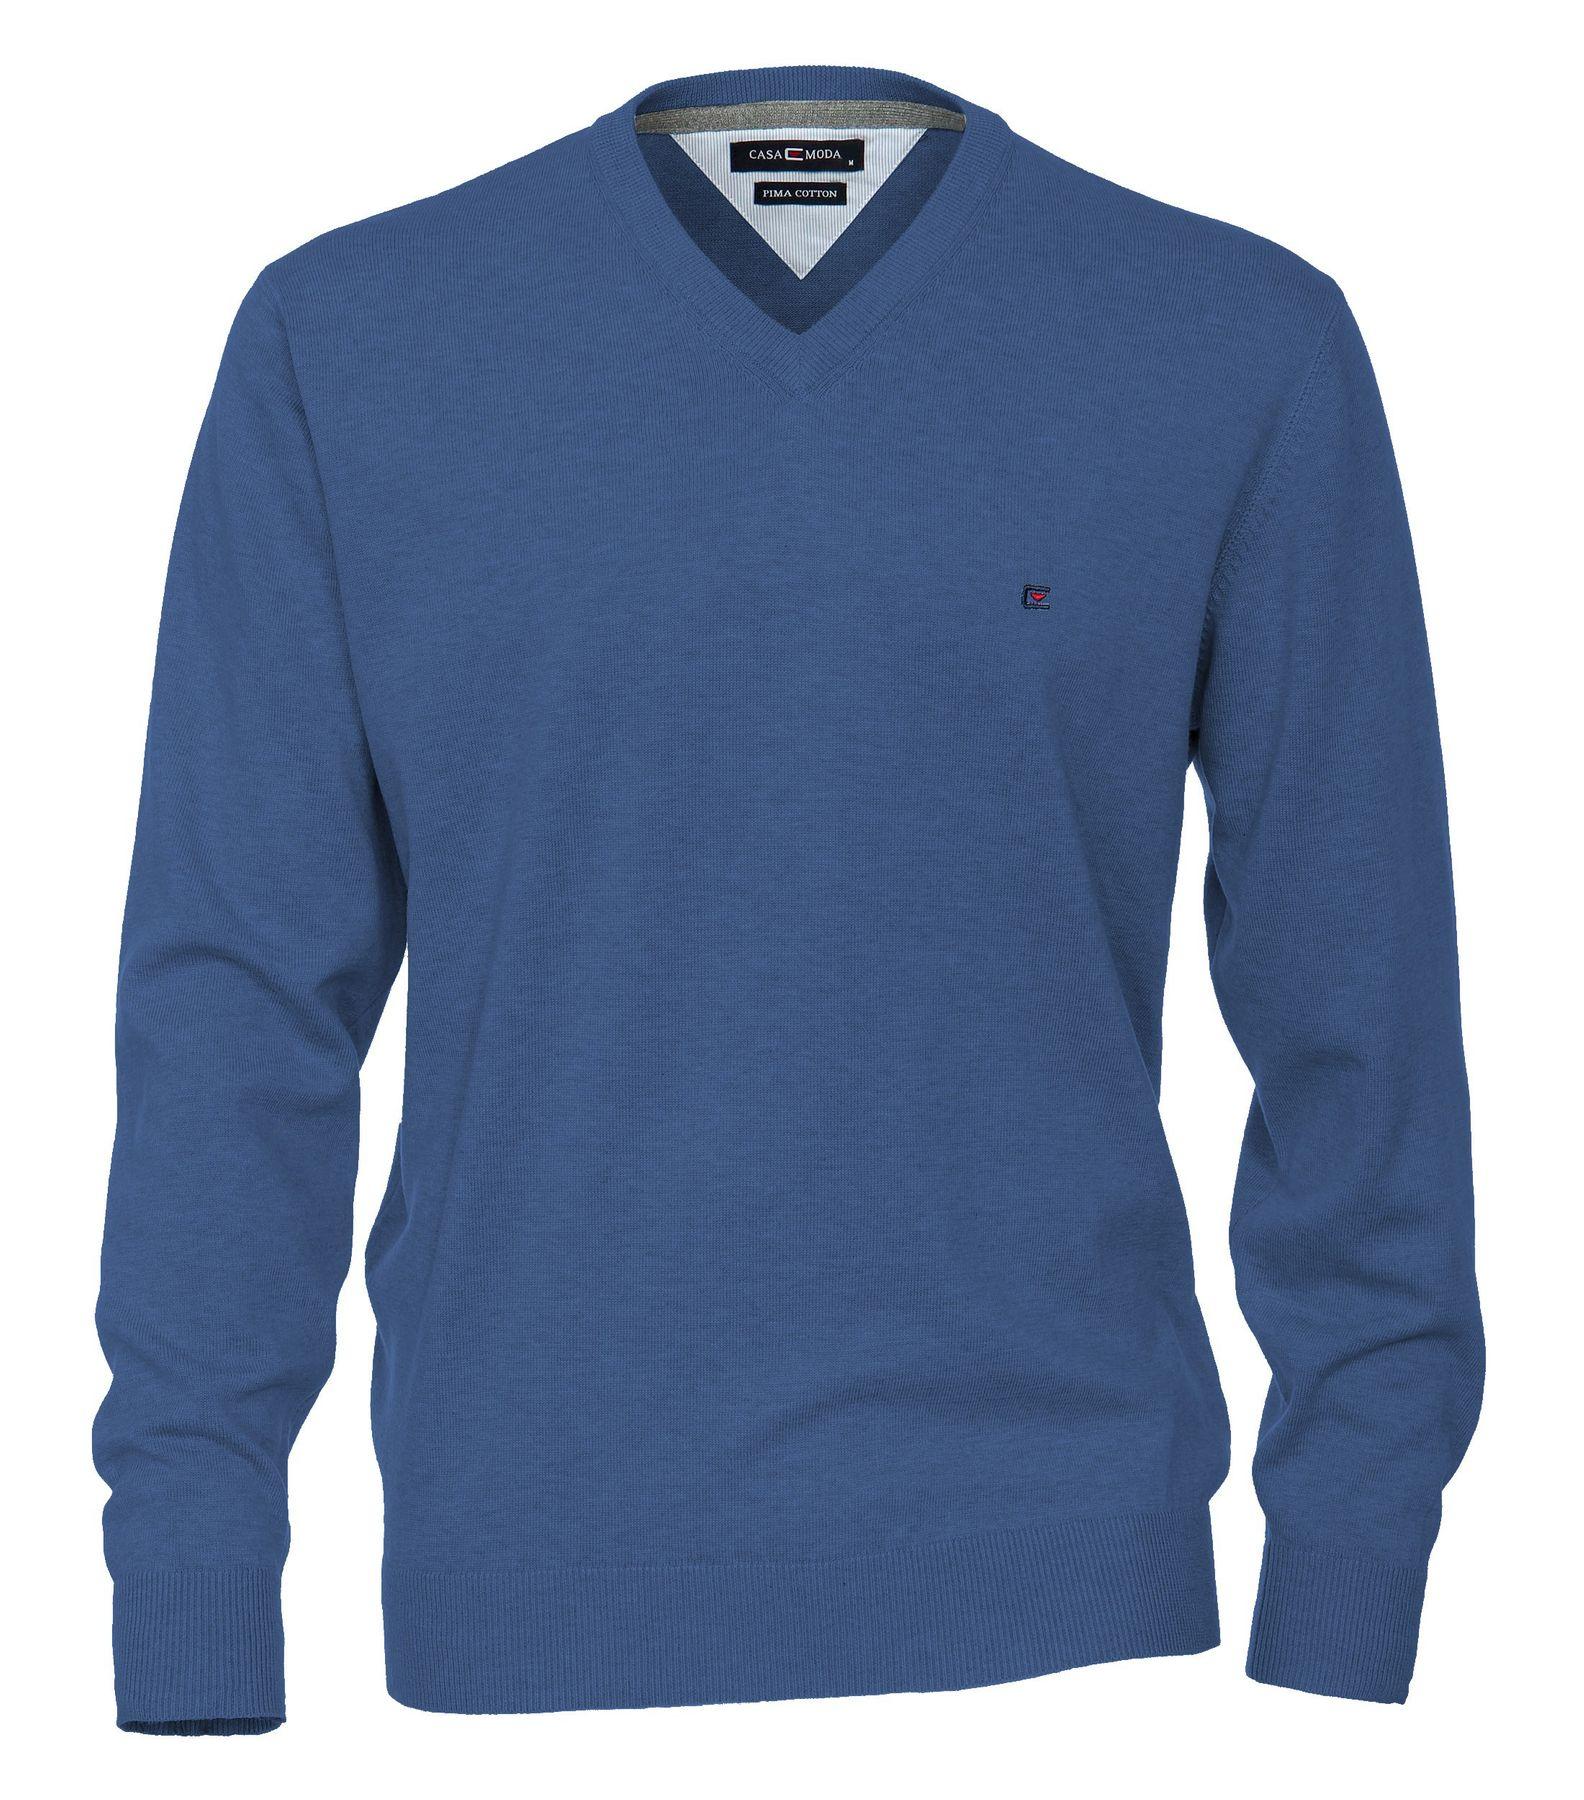 Casa Moda - Herren Pullover mit V-Ausschnitt in verschiedenen Farben (004130A) – Bild 8